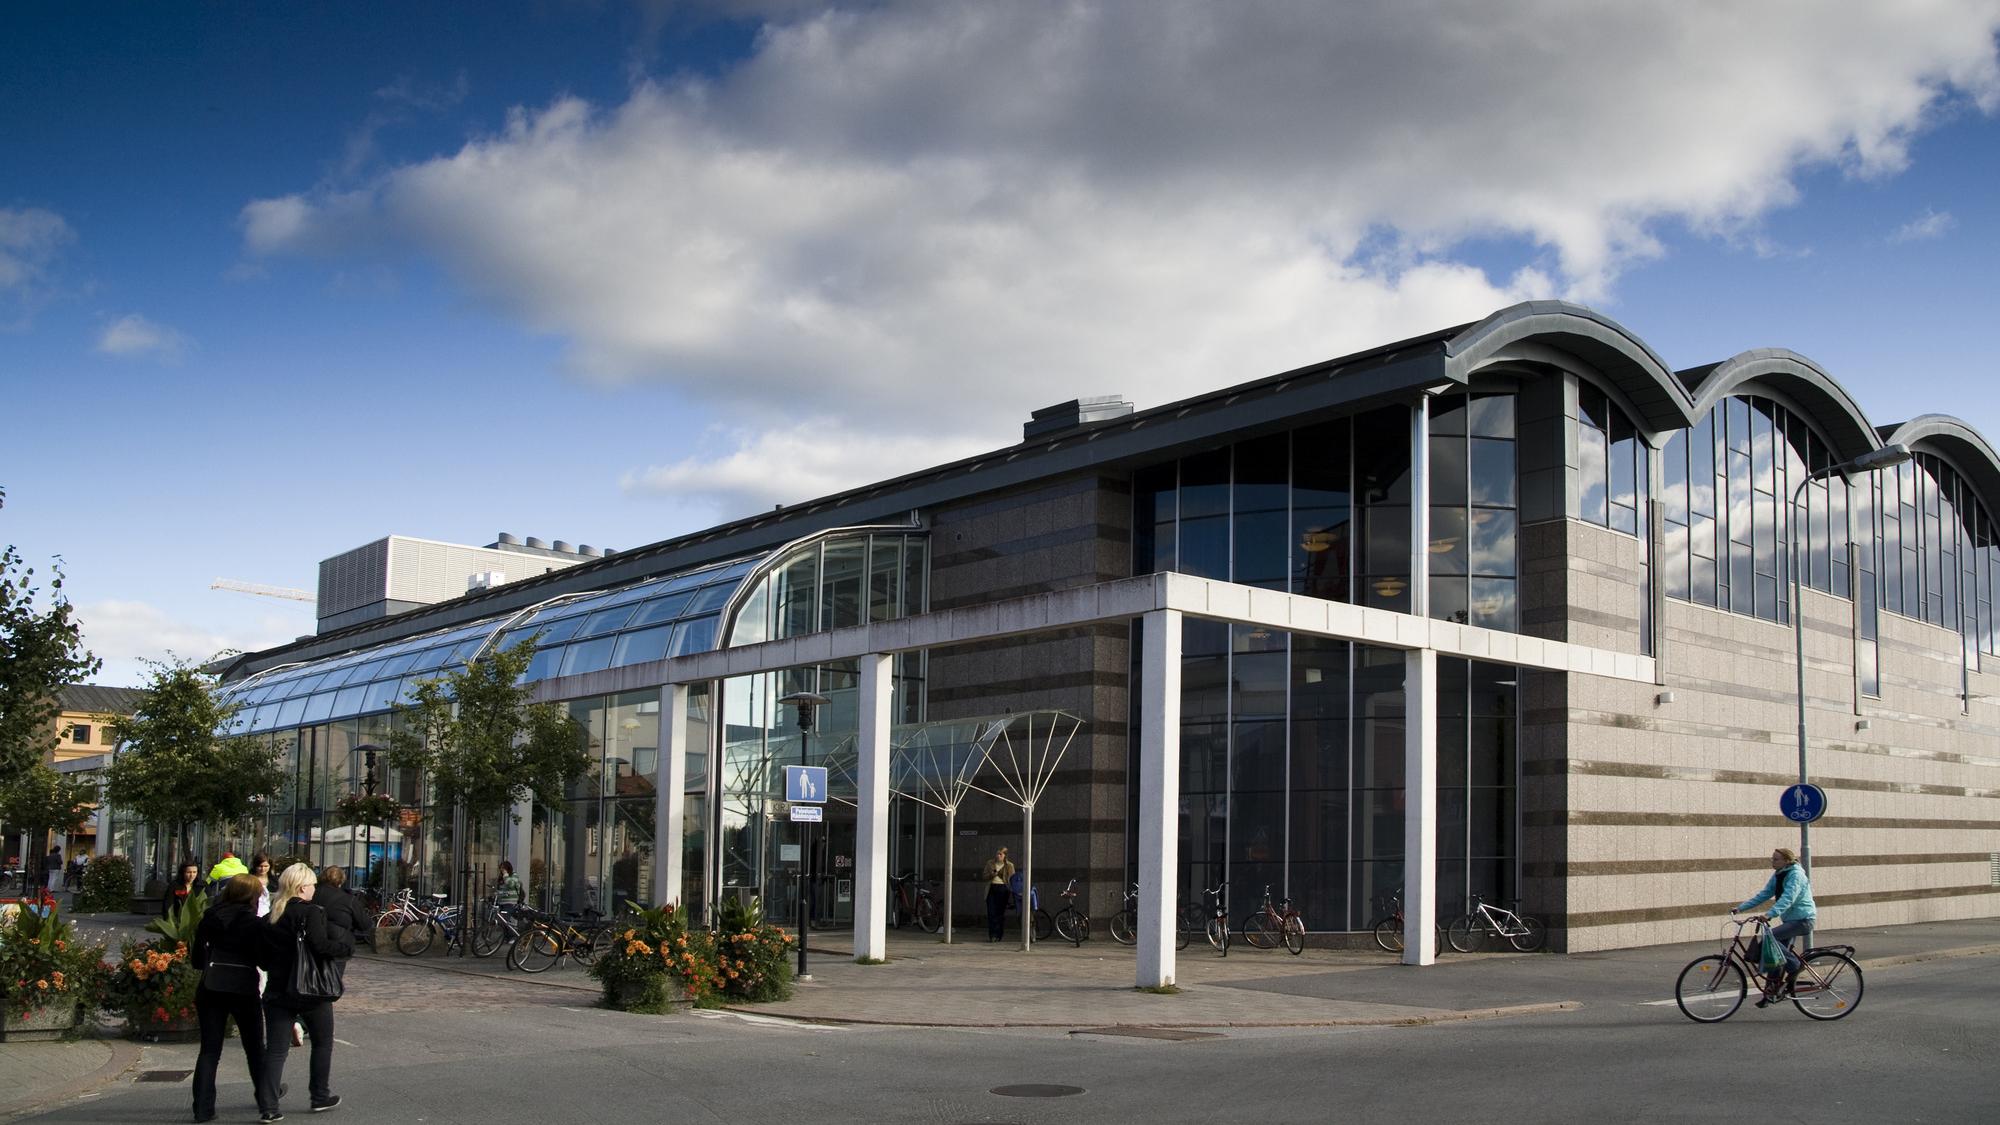 Kokkolan kaupunginkirjasto etuviistosta kuvattuna. Kirjastolla on useista kaarevista elementeistä tehty katto sekä harmaasta kivestä ja suurista lasipinnoista tehdyt seinärakenteet. Kirjaston edestä kulkee Tehtaankatu, jossa liikkuu jalankulkijoita ja pyöräilijöitä. Kadulla on myös runsaasti istutuksia. Kirjaston yläpuolella näkyy sininen taivas, jossa isoja pilviä.